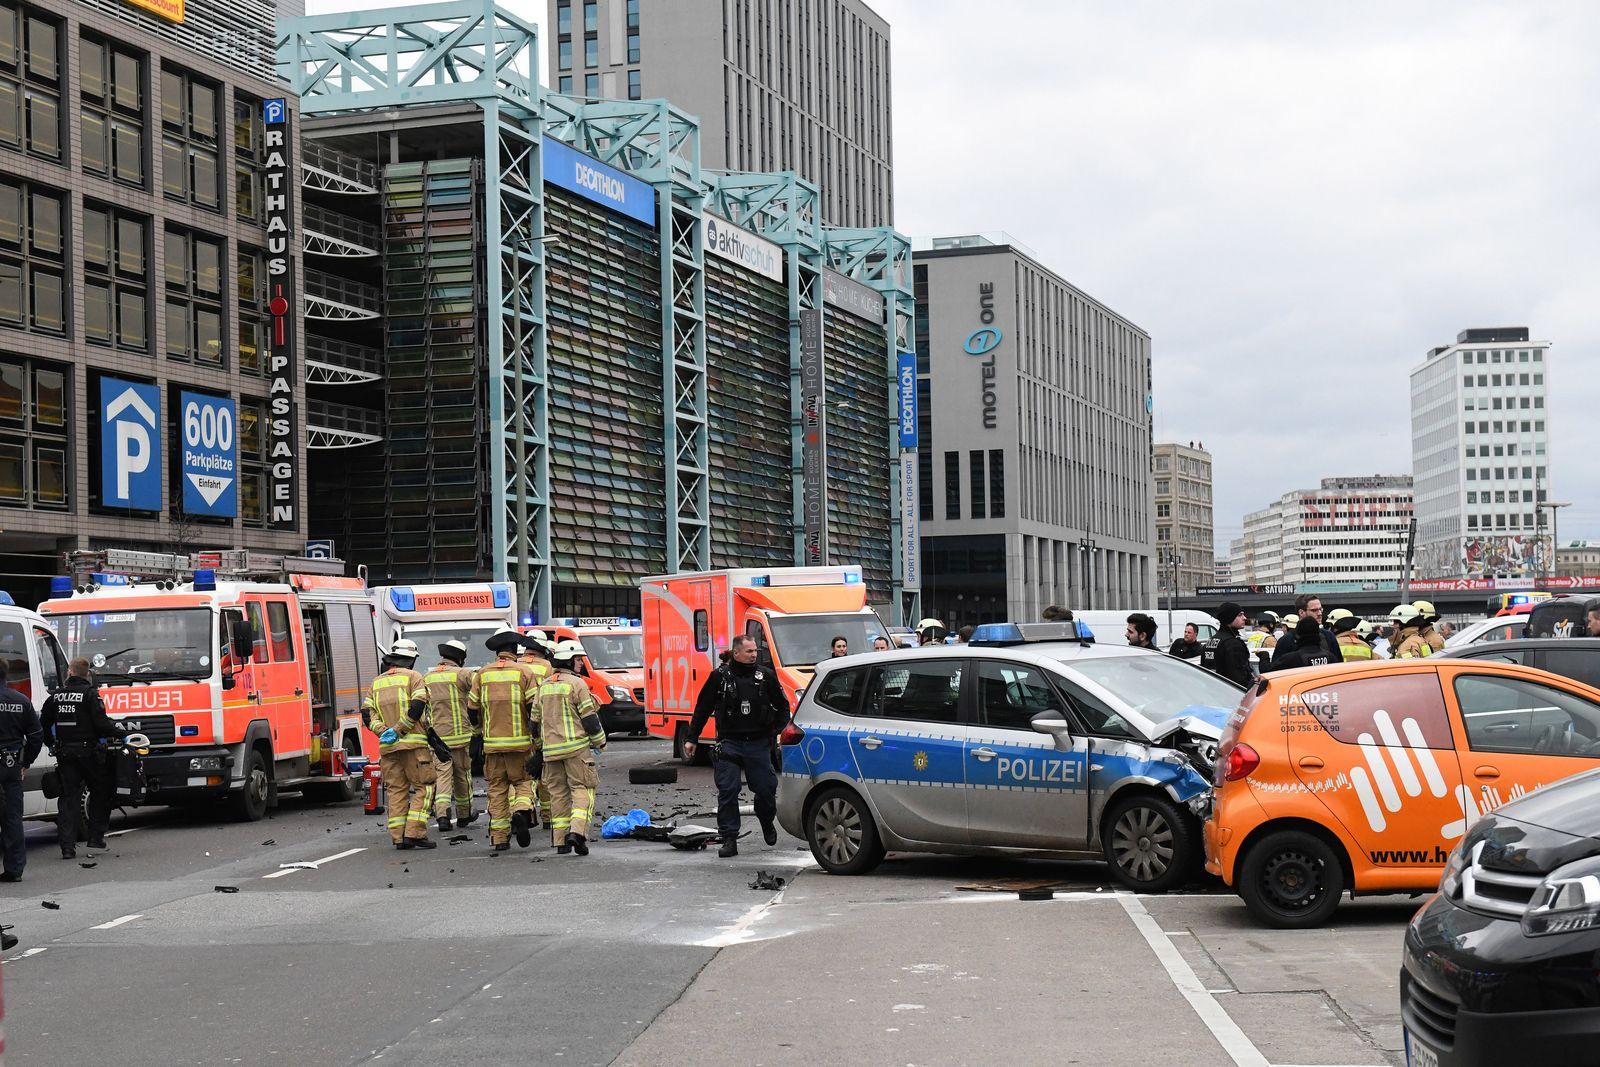 Unfall mit Polizeiwagen